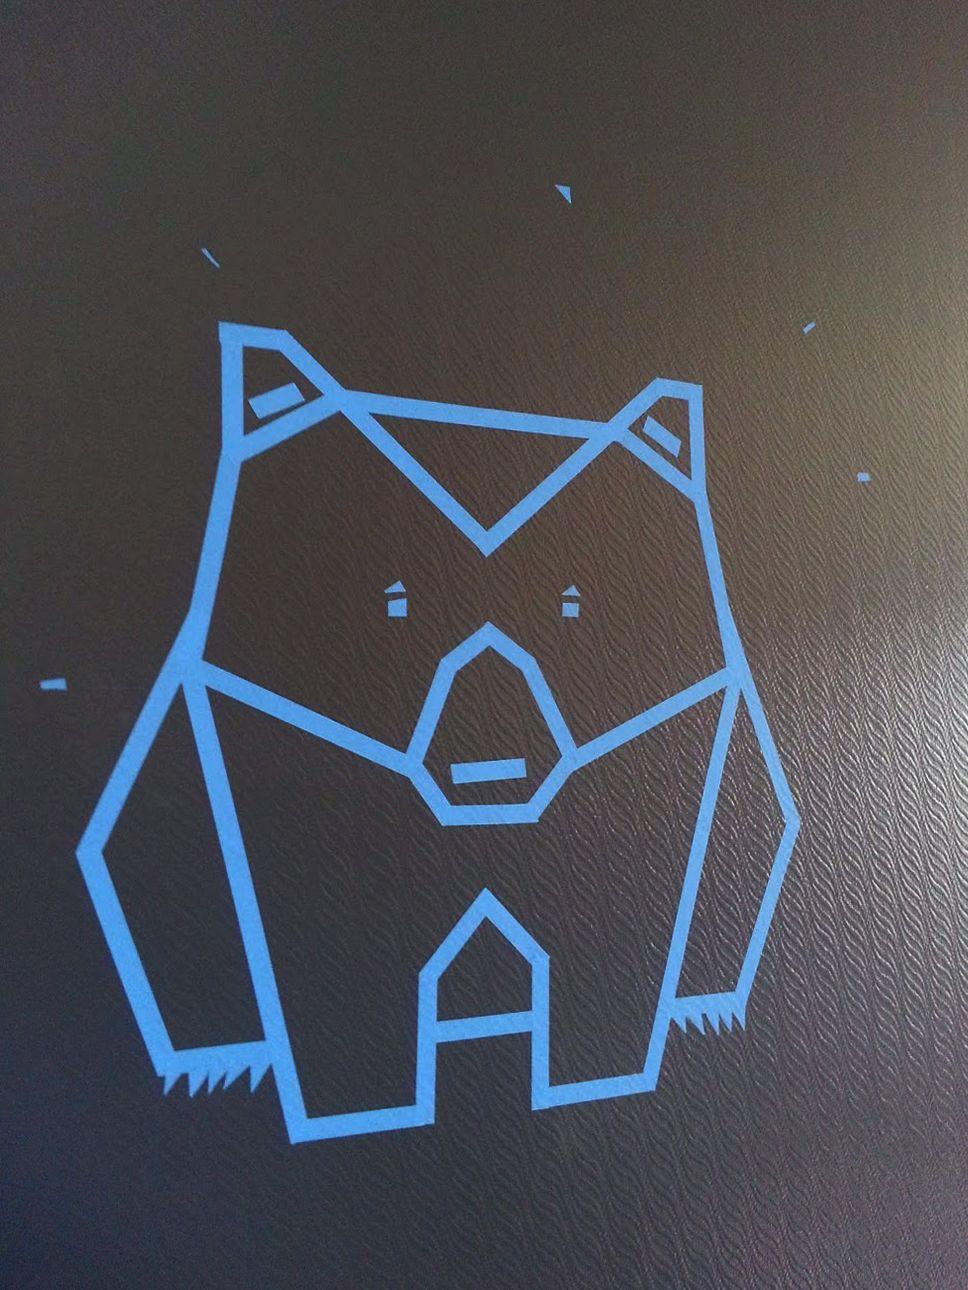 masking tape washitape maskingtape bear diy gifts pinterest kinderzimmer. Black Bedroom Furniture Sets. Home Design Ideas